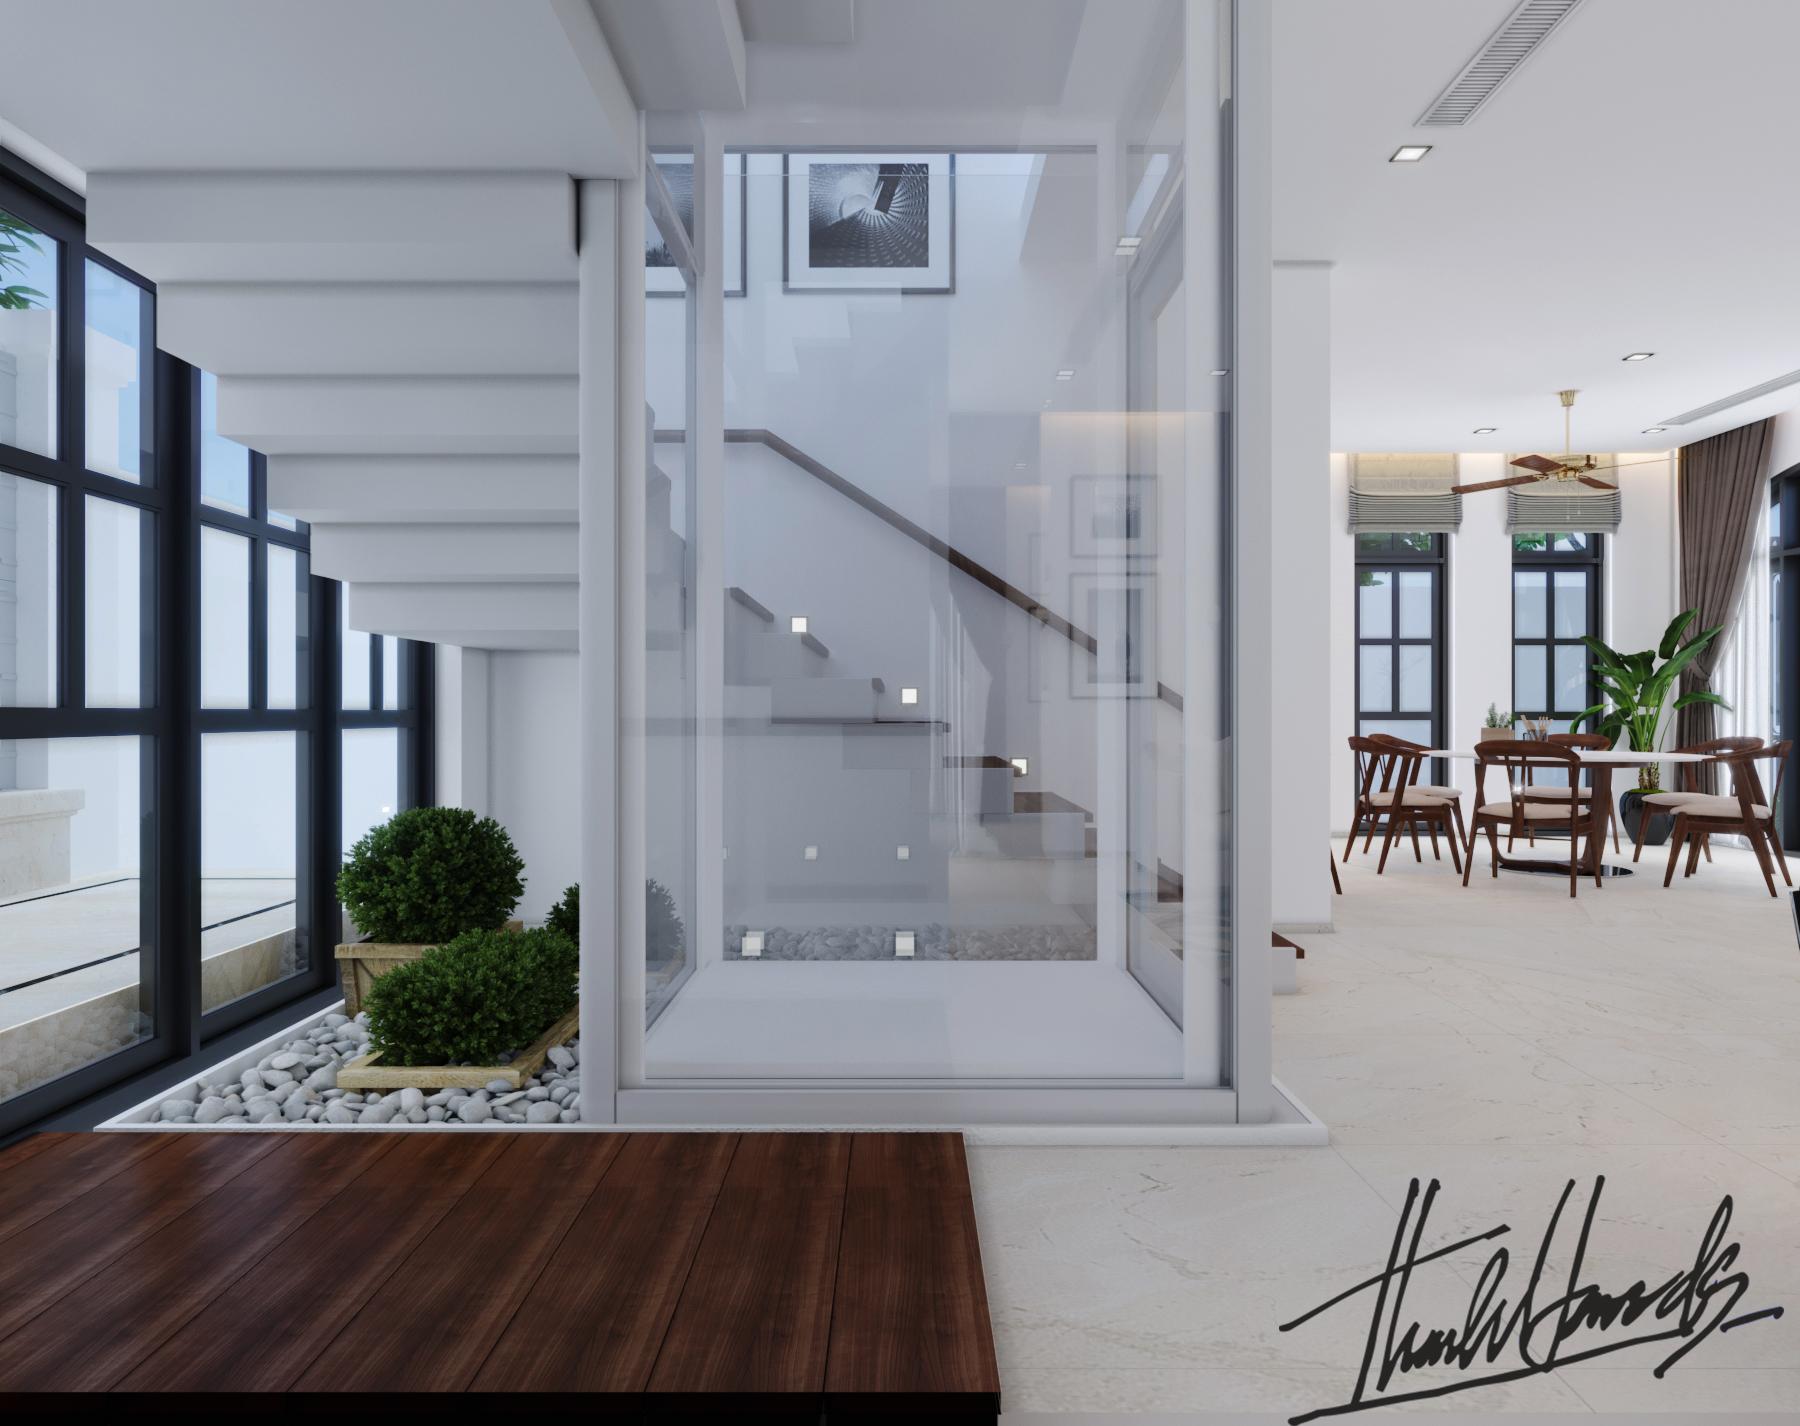 thiết kế nội thất Biệt Thự tại Hải Phòng Biệt thự Vinhomes - imperia ( khu VEN) 8 1568278744